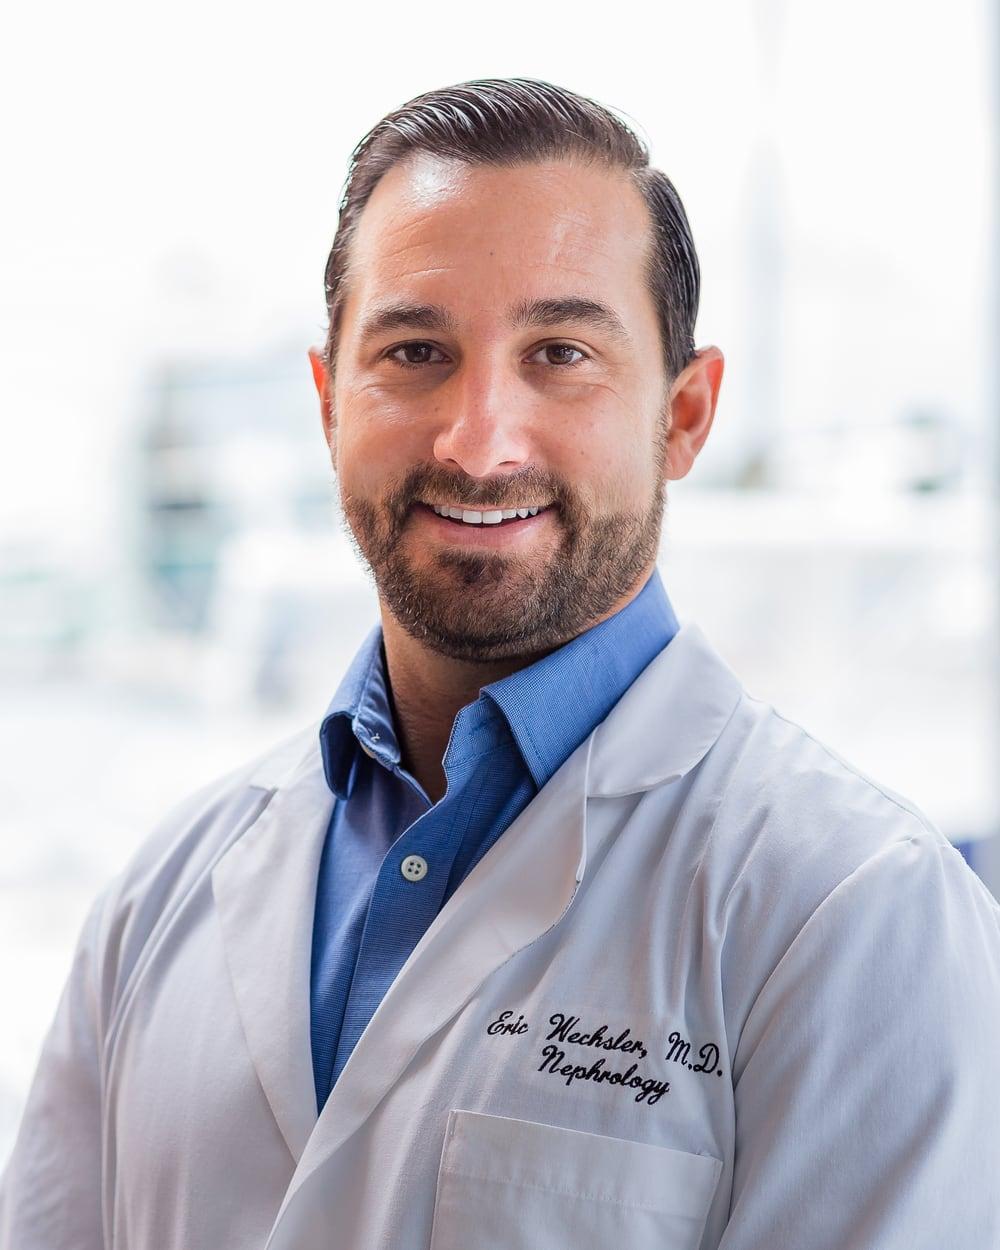 Dr. Eric A Wechsler MD